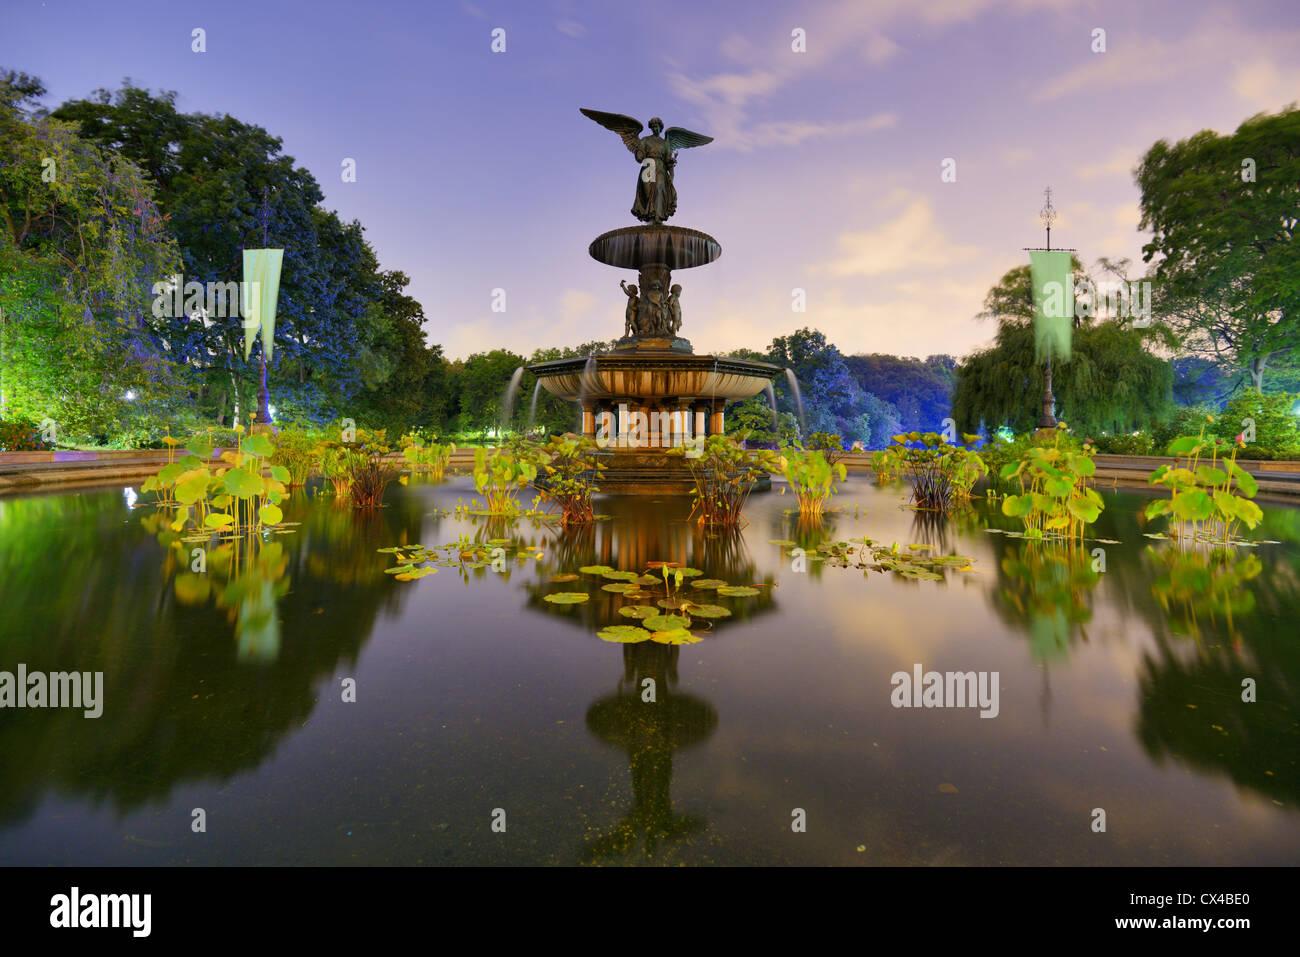 Angeli della fontana di acqua a Bethesda terrazza nella città di New York, in zona Central Park. Immagini Stock